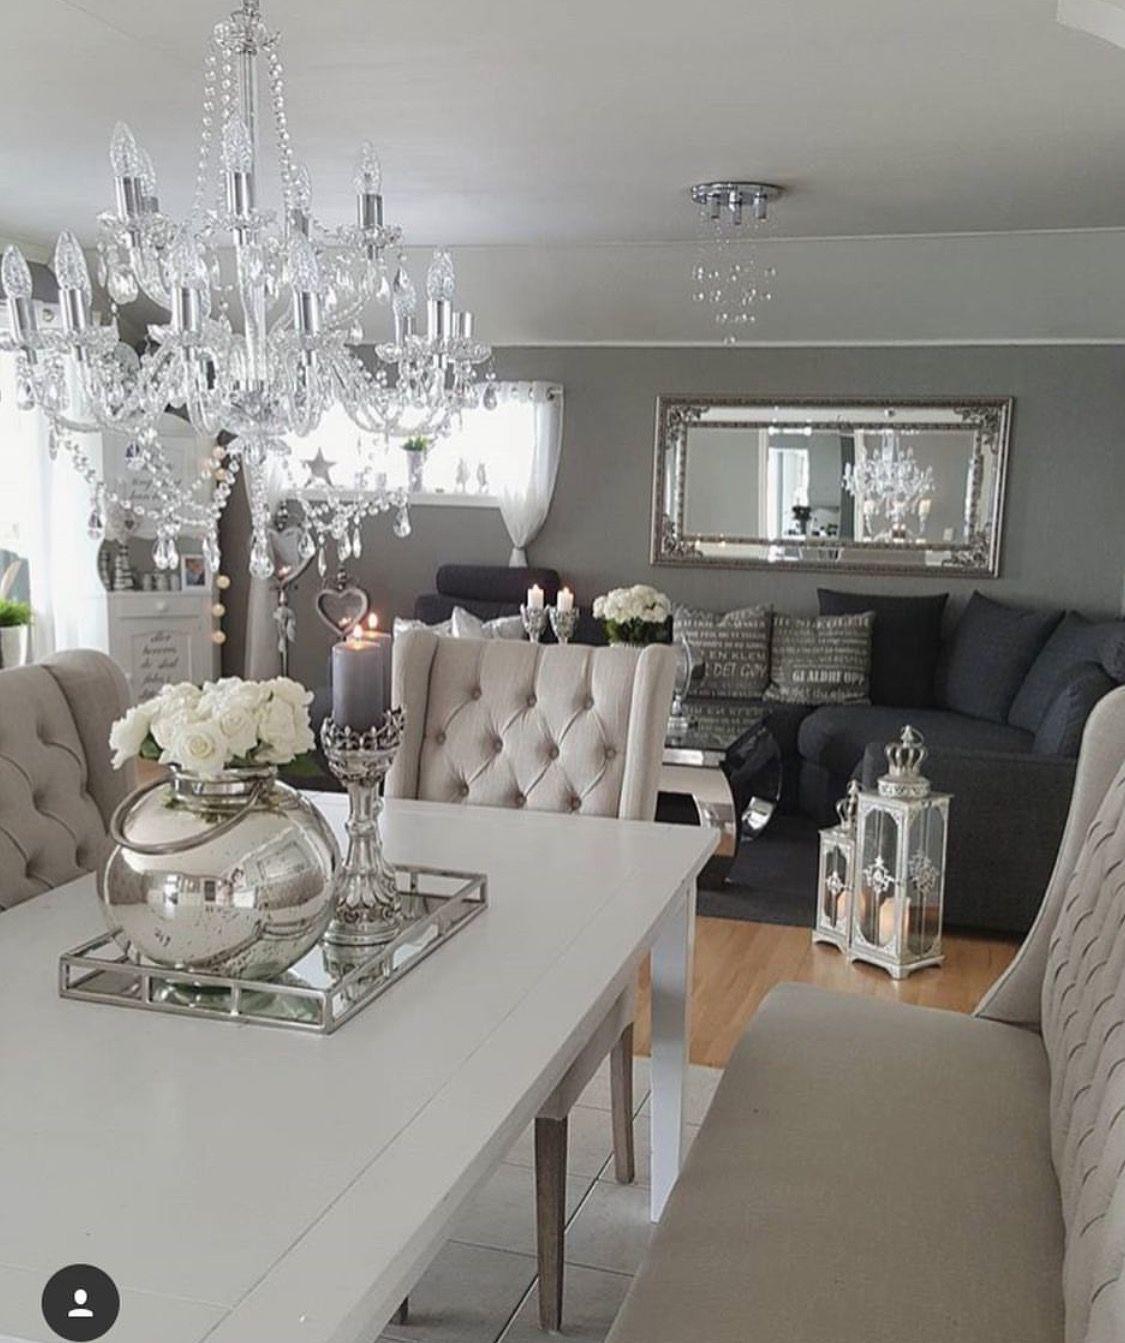 Angelica dreams chic67 la unica pinterest wohnzimmer wohnzimmer ideen y haus - Romantisches wohnzimmer ...